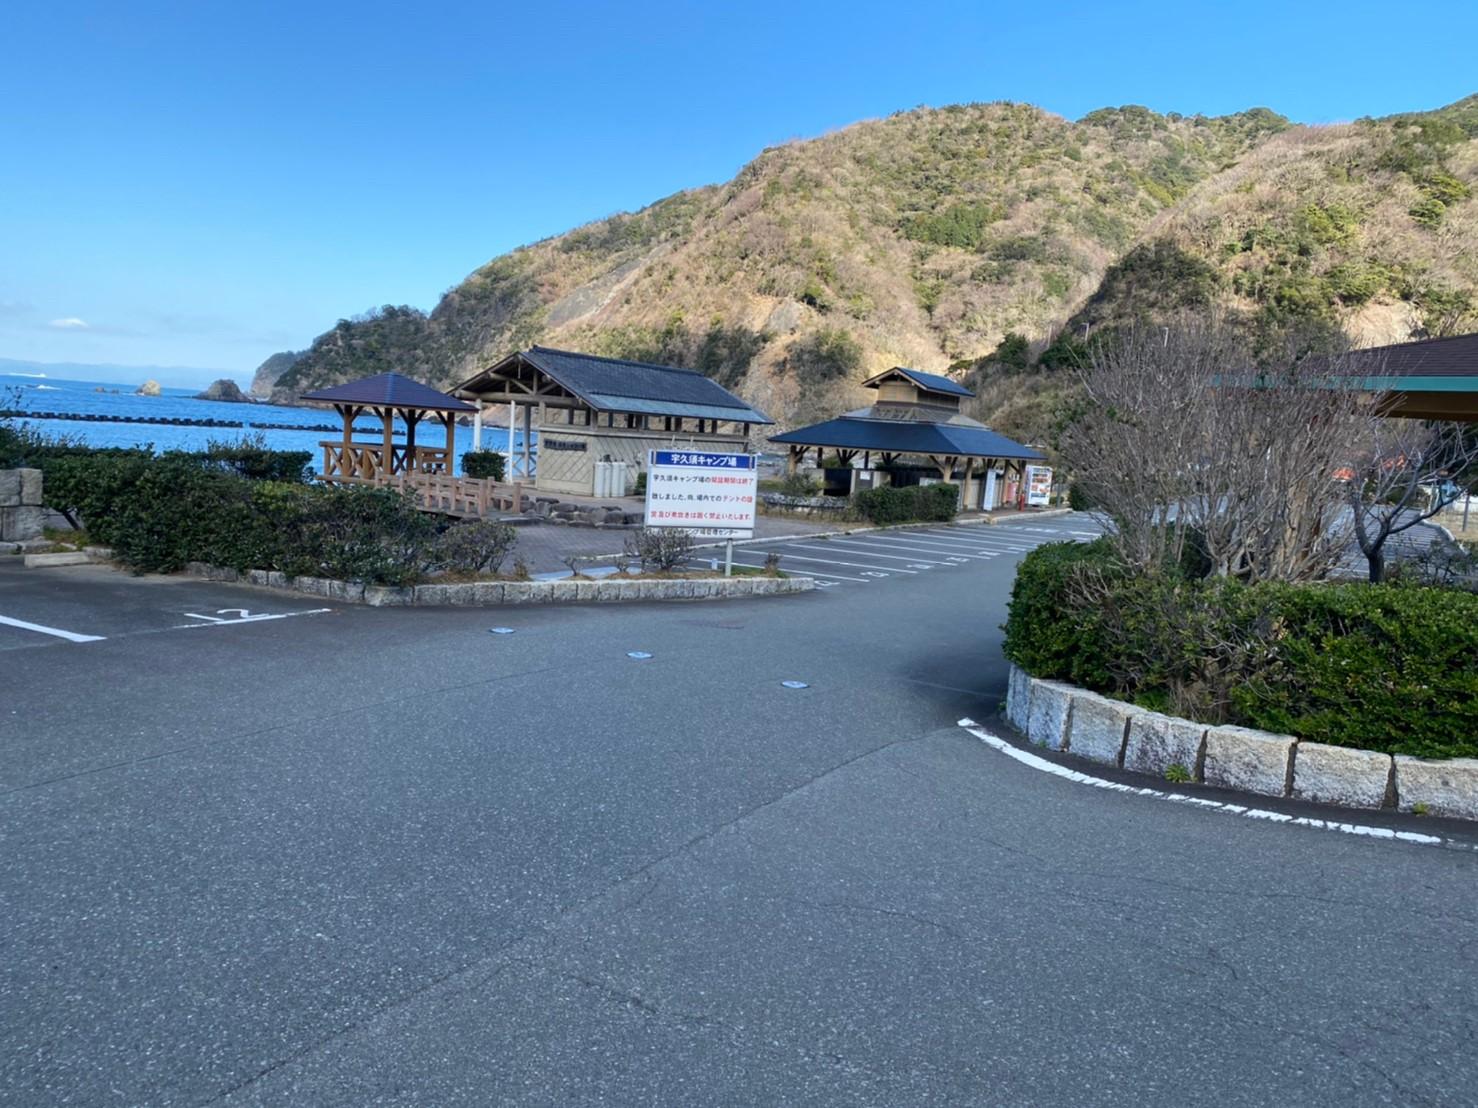 【海岸公営!伊豆】『宇久須キャンプ場』の情報まとめ(駐車場・トイレ)